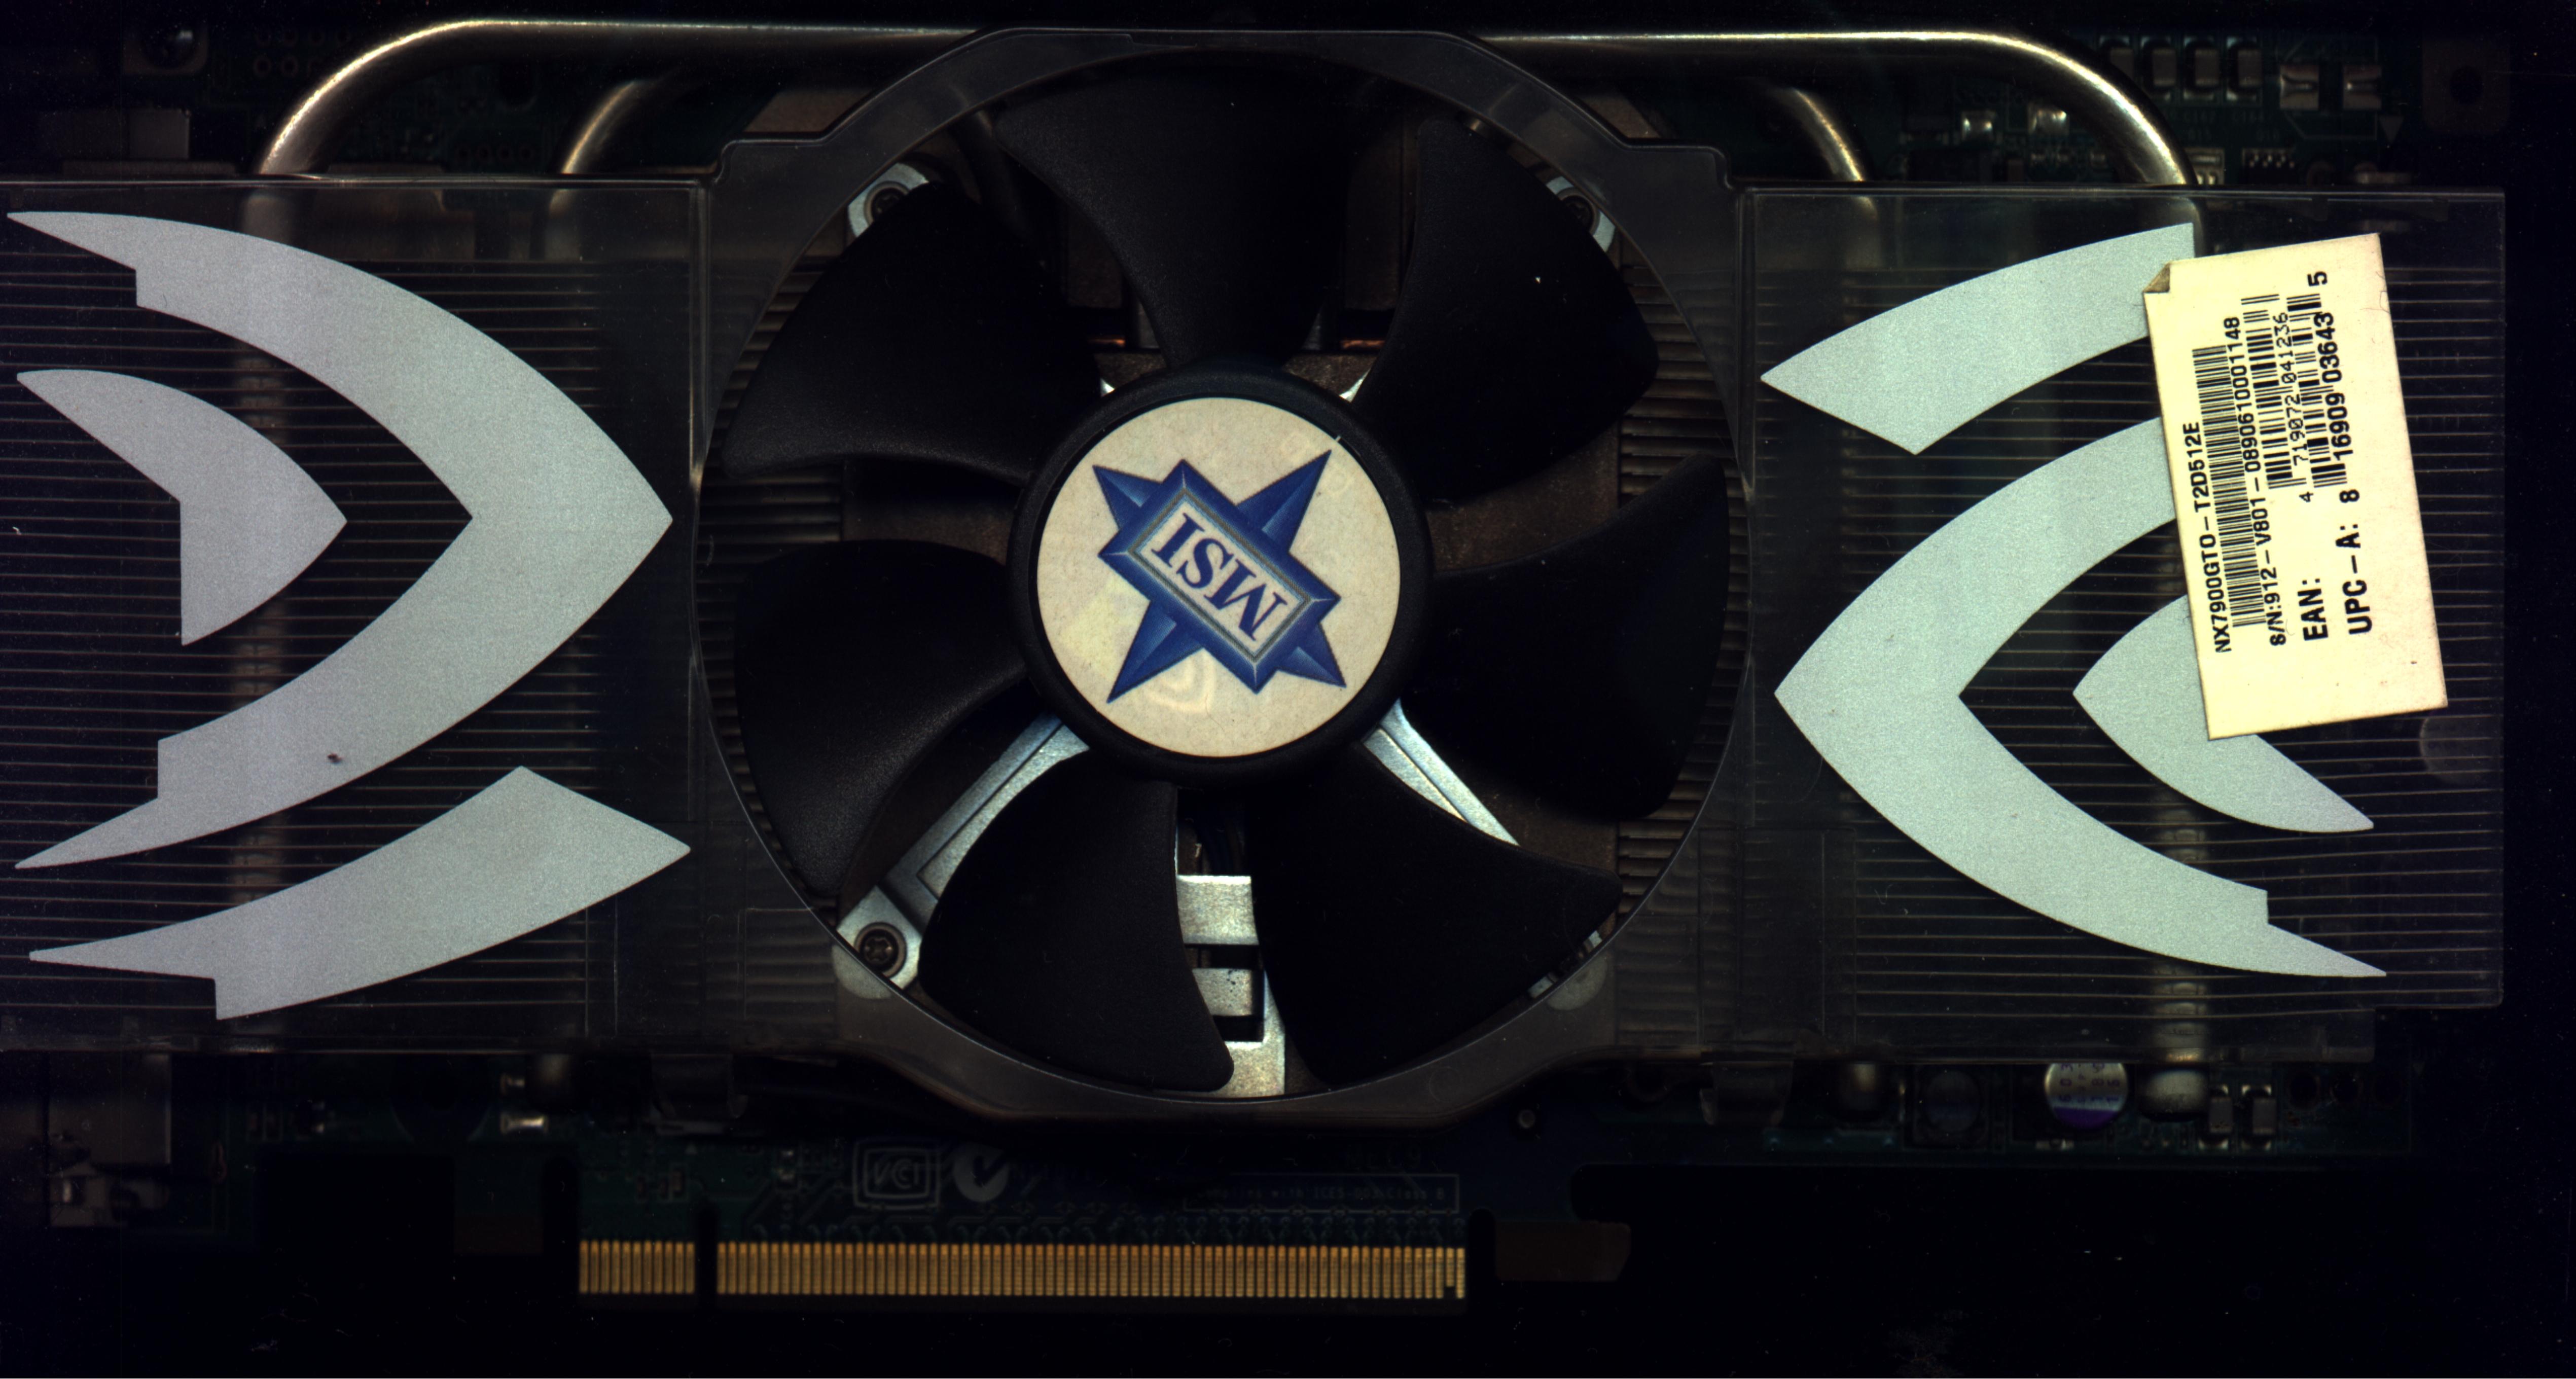 MSI Geforce 7900 GTO - Uszkodzona sekcja zasilania?